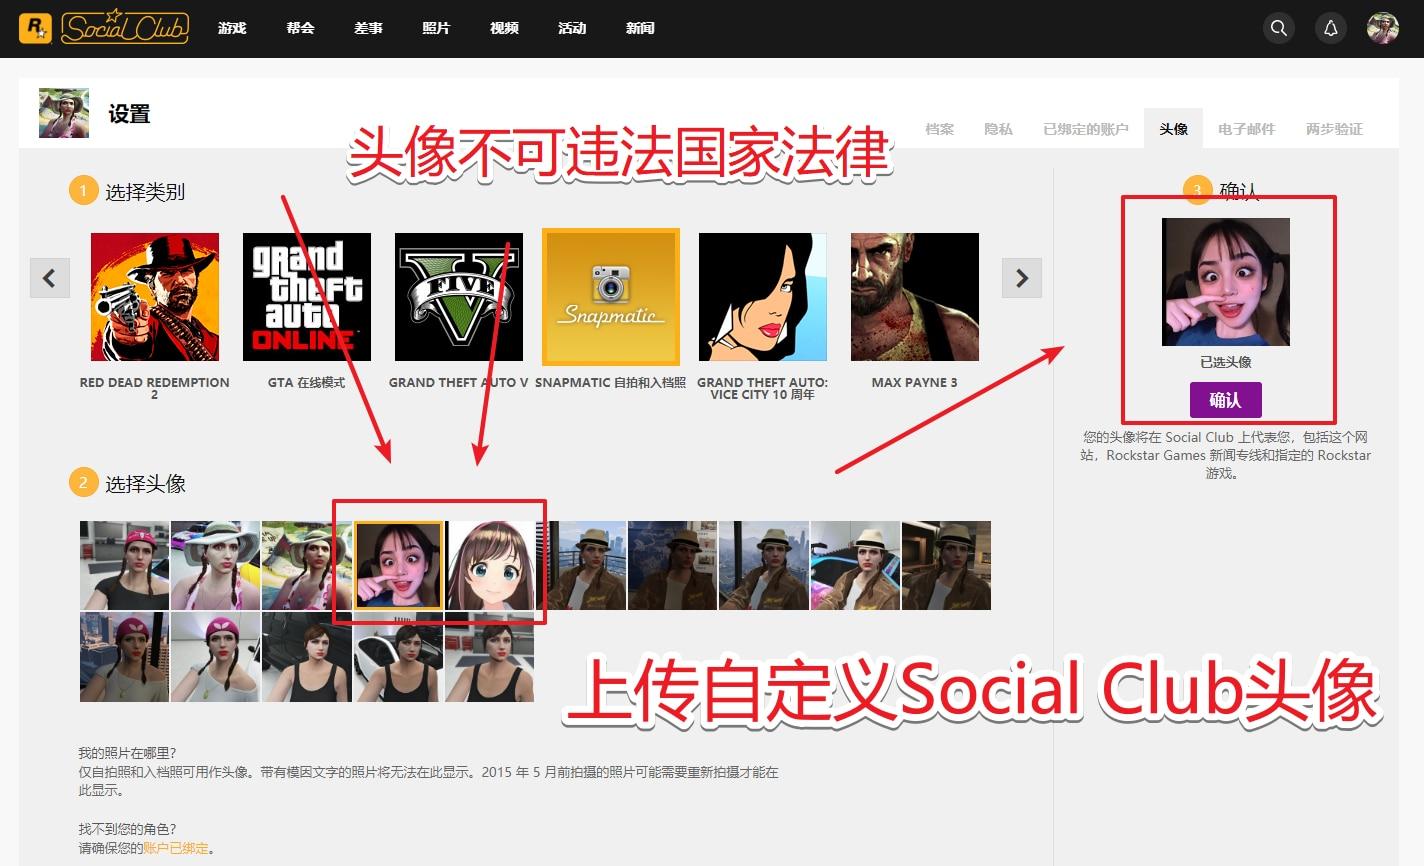 【教程】上传自定义 Social Club 头像